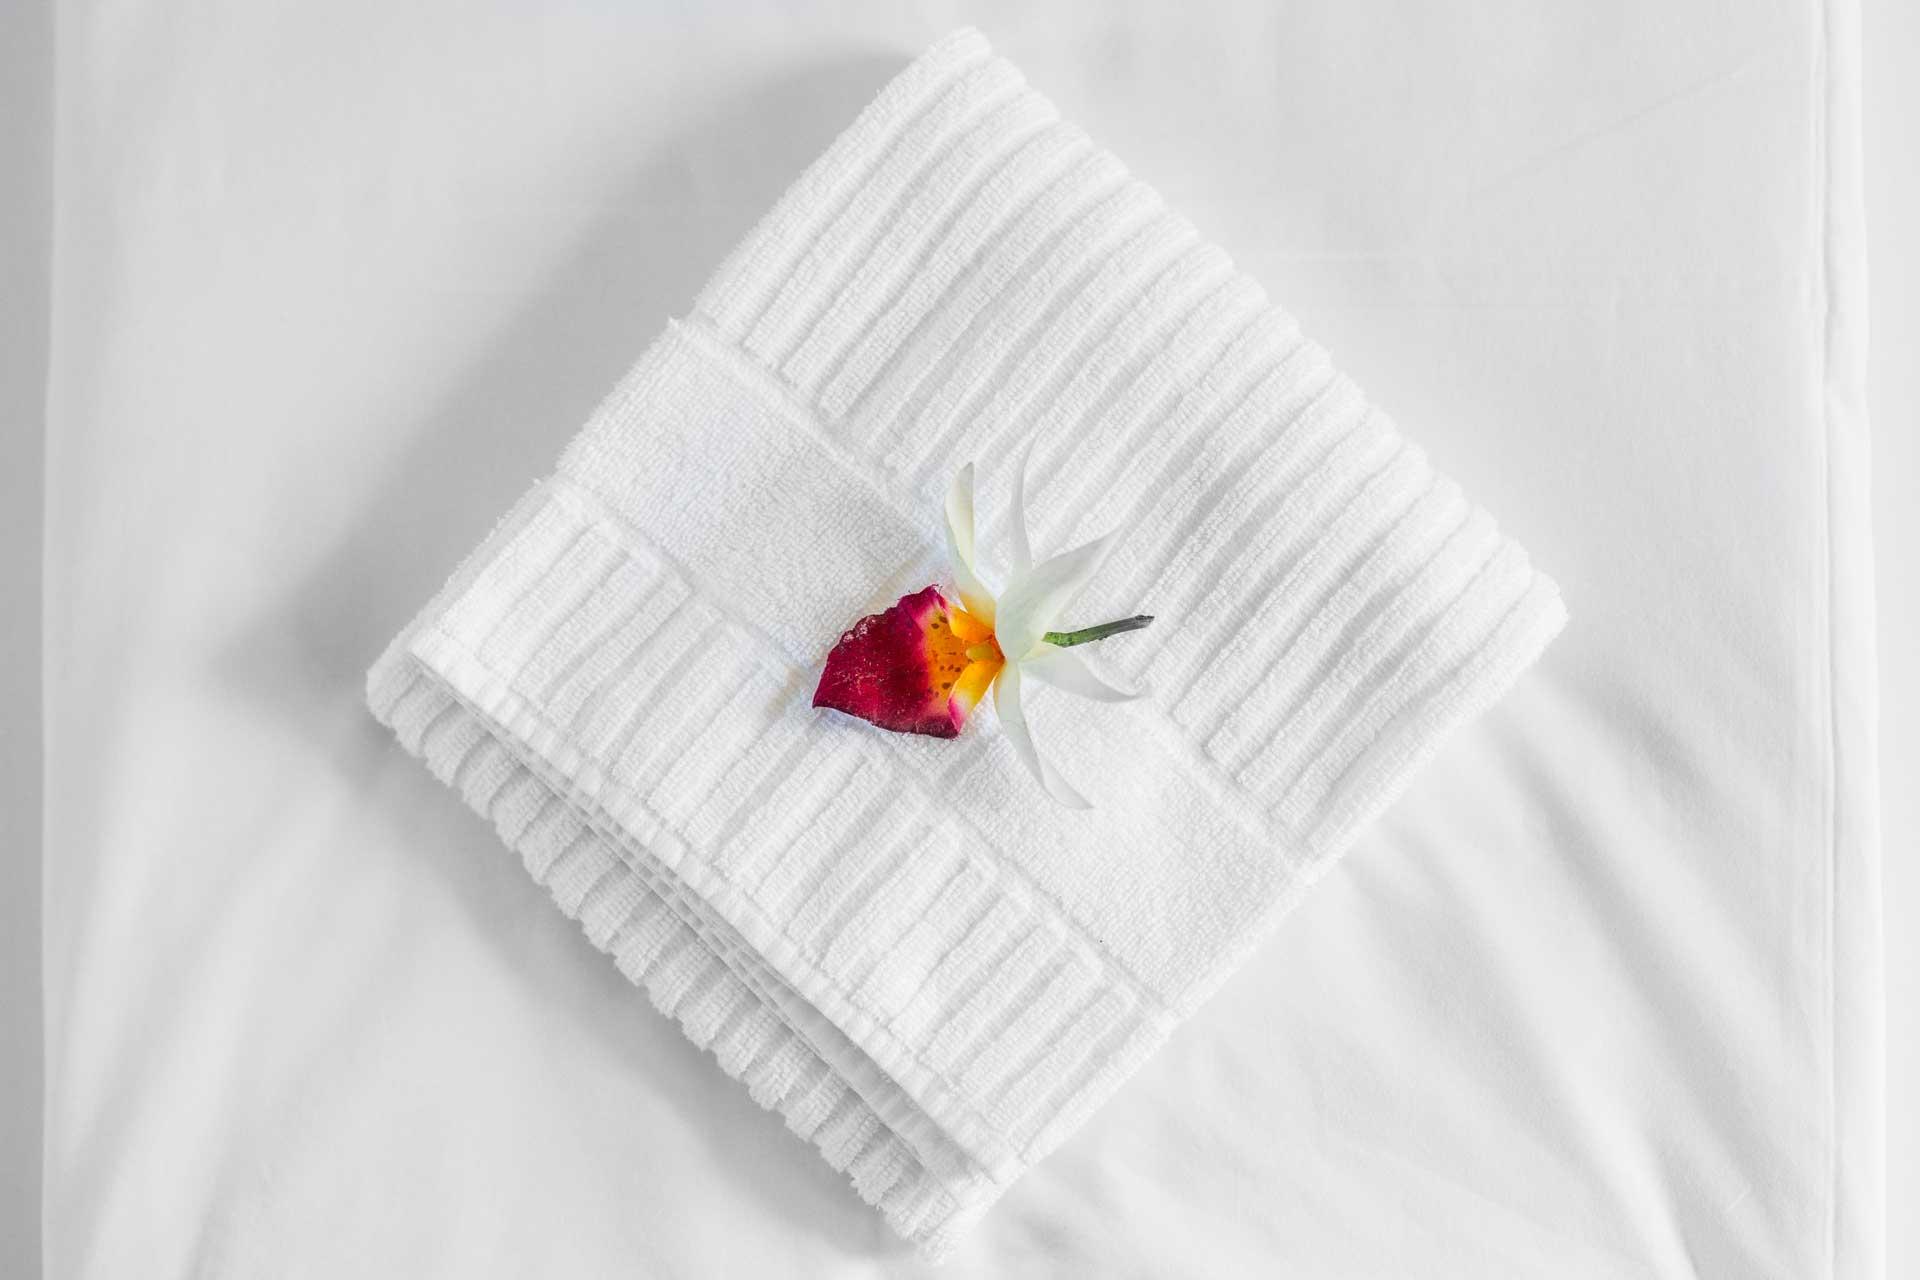 Fiore asciugamano